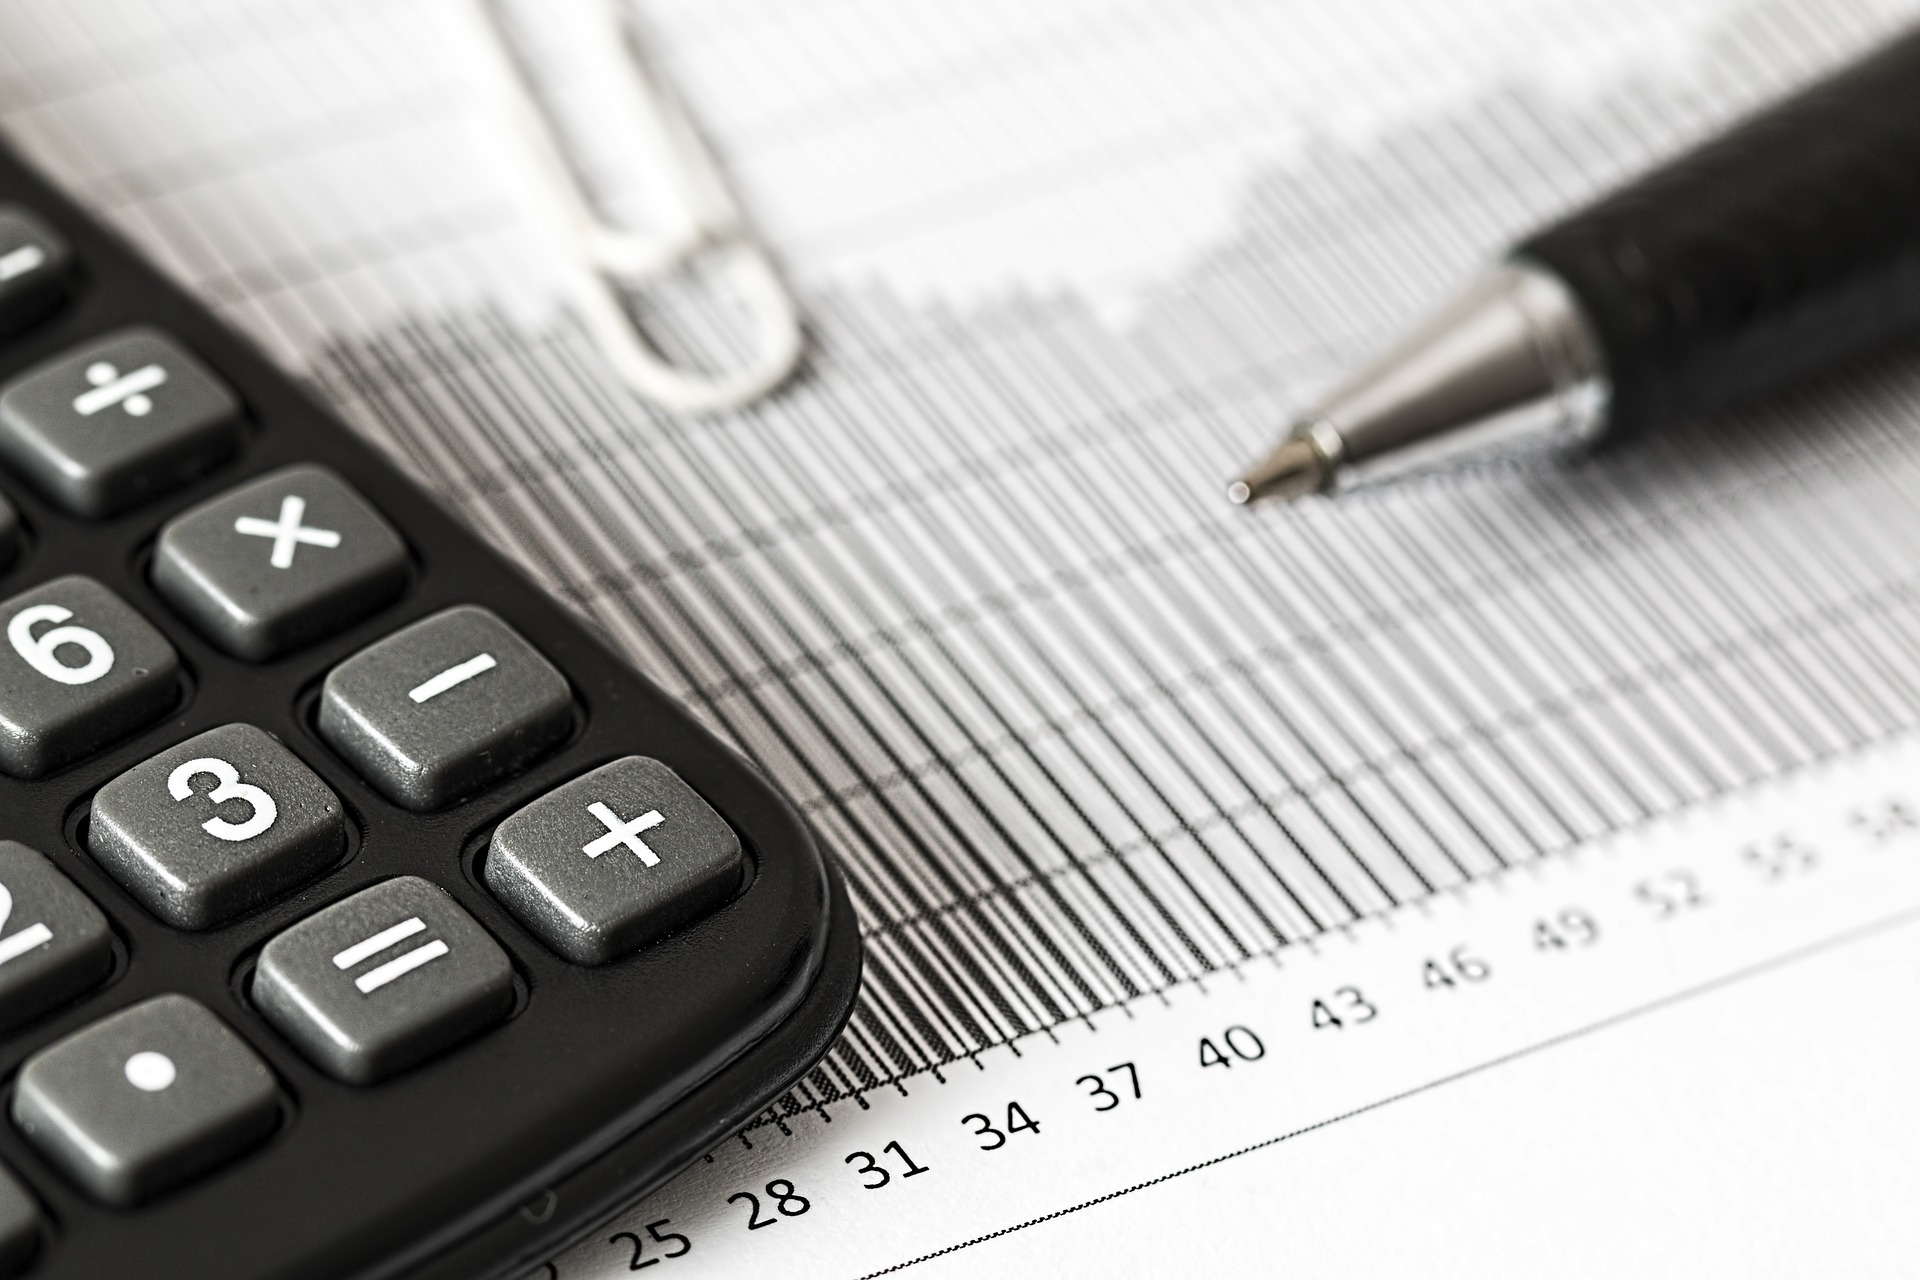 Demande d'avis relative à la déduction, du revenu brut salarial, des frais inhérents à la fonction ou à l'emploi au taux de 40%.